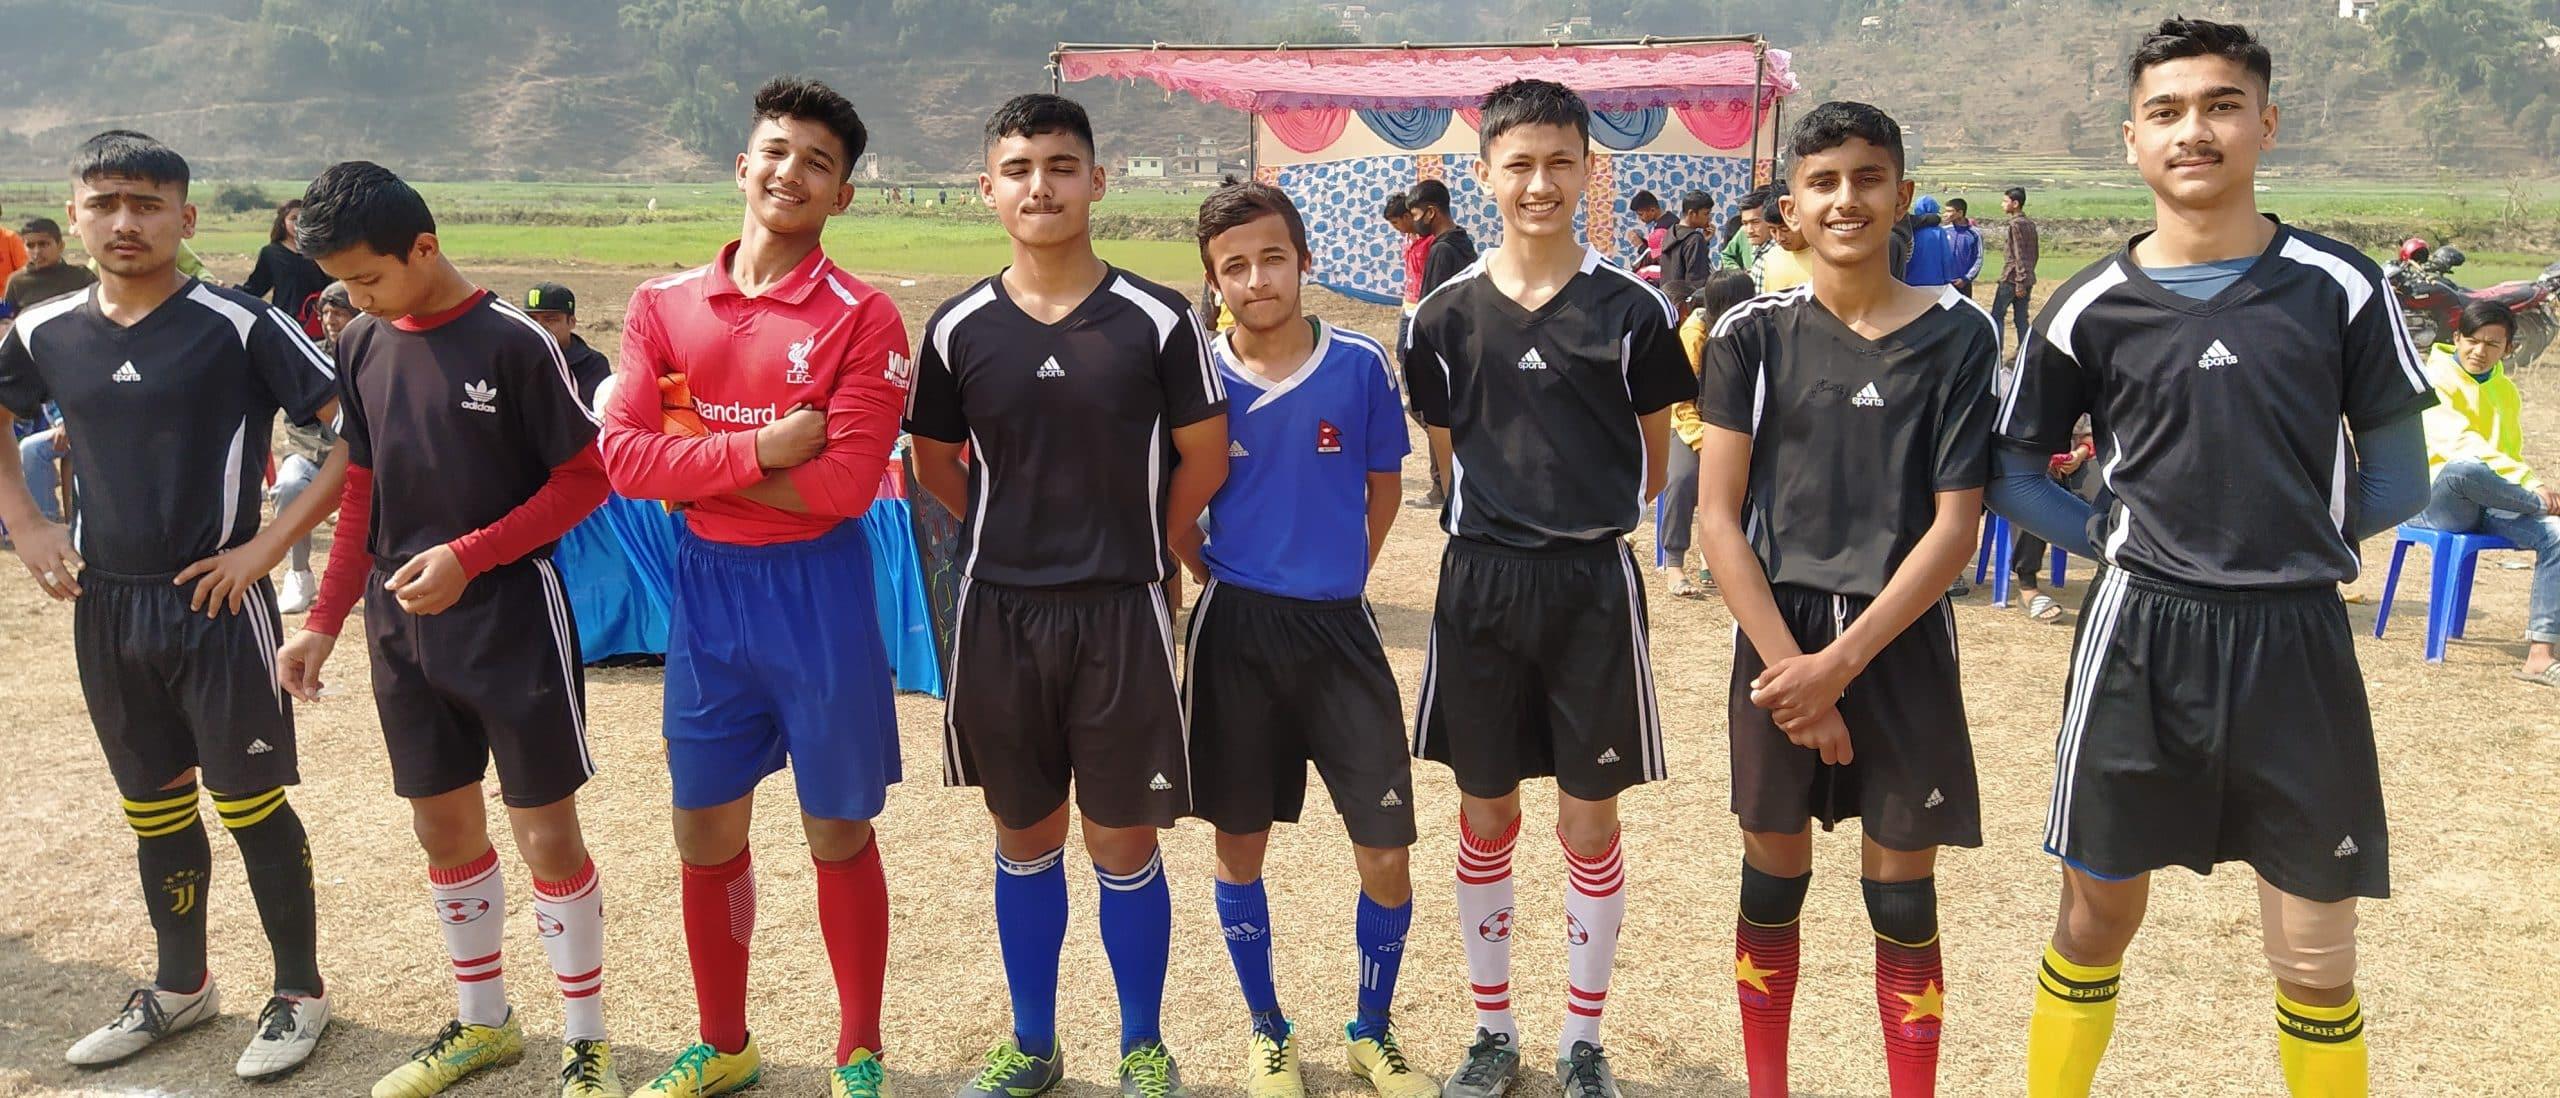 क्लष्टर फर एकेडेमिक डेभलपमेन्ट (CAD) द्वारा आयोजित फुटबल प्रतियोगिता सम्पन्न